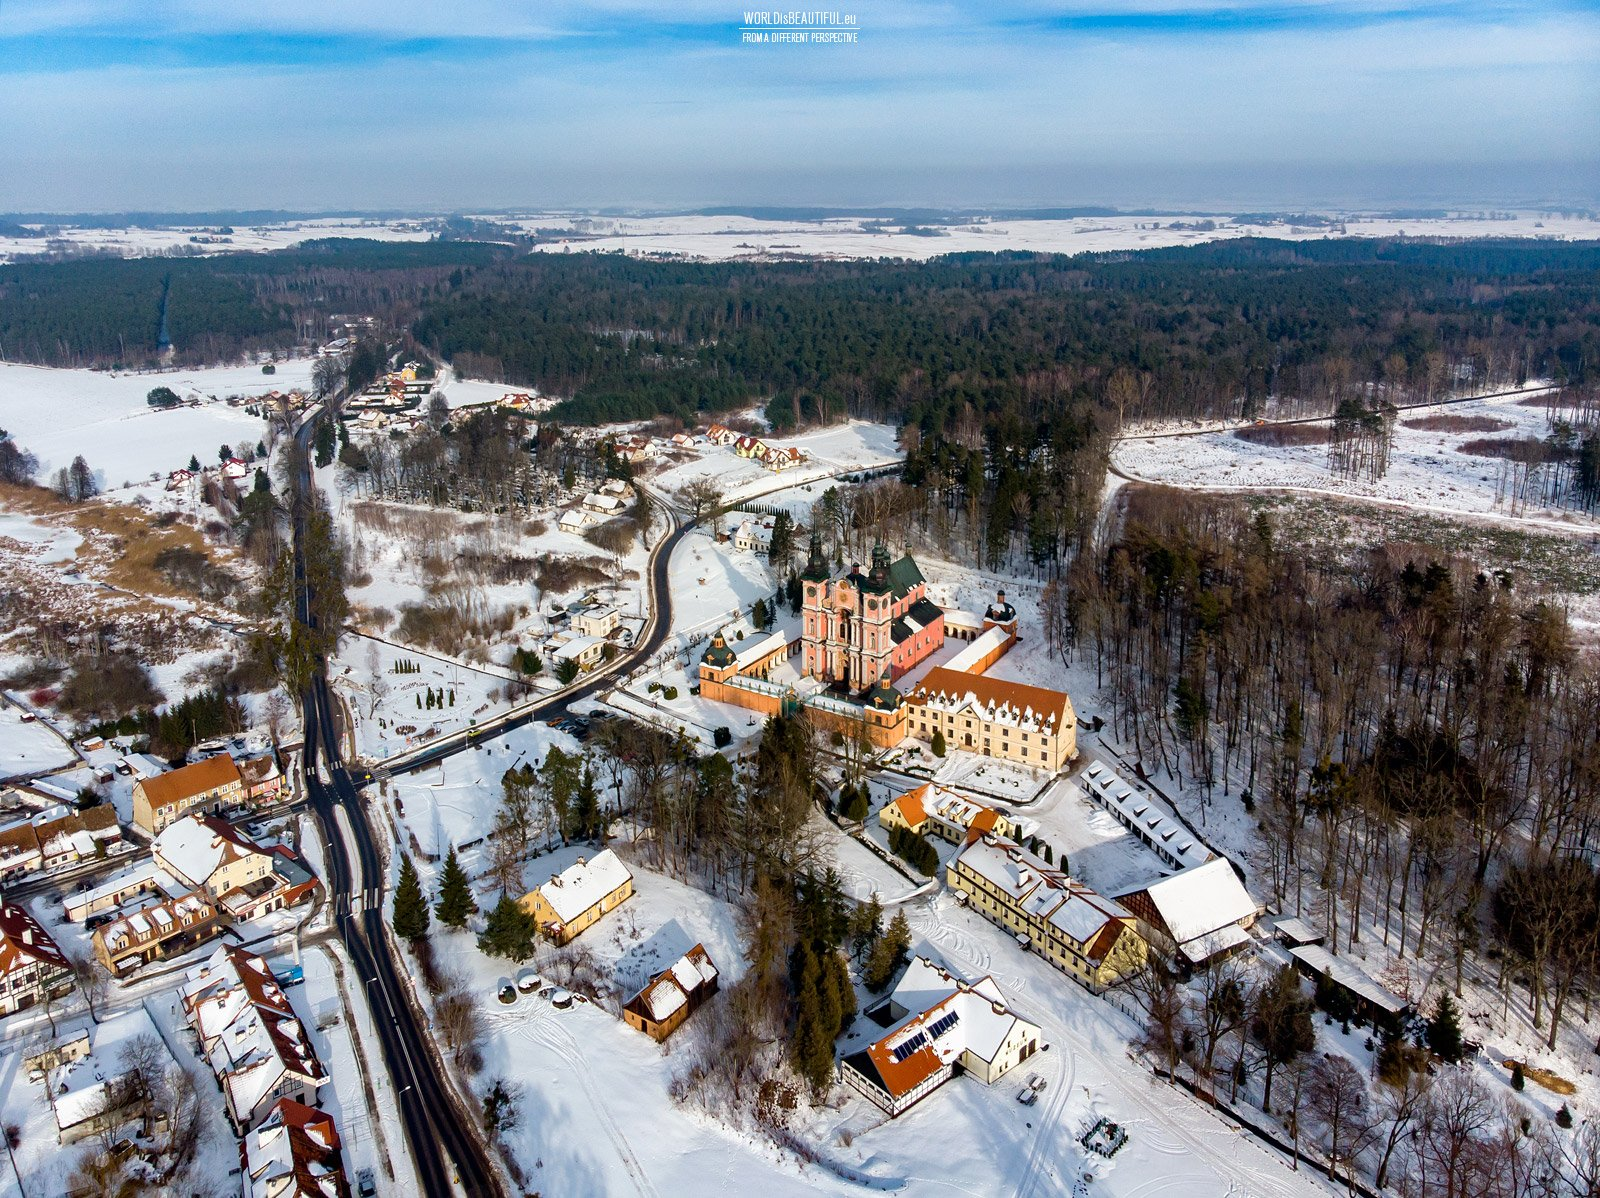 Święta Lipka in winter